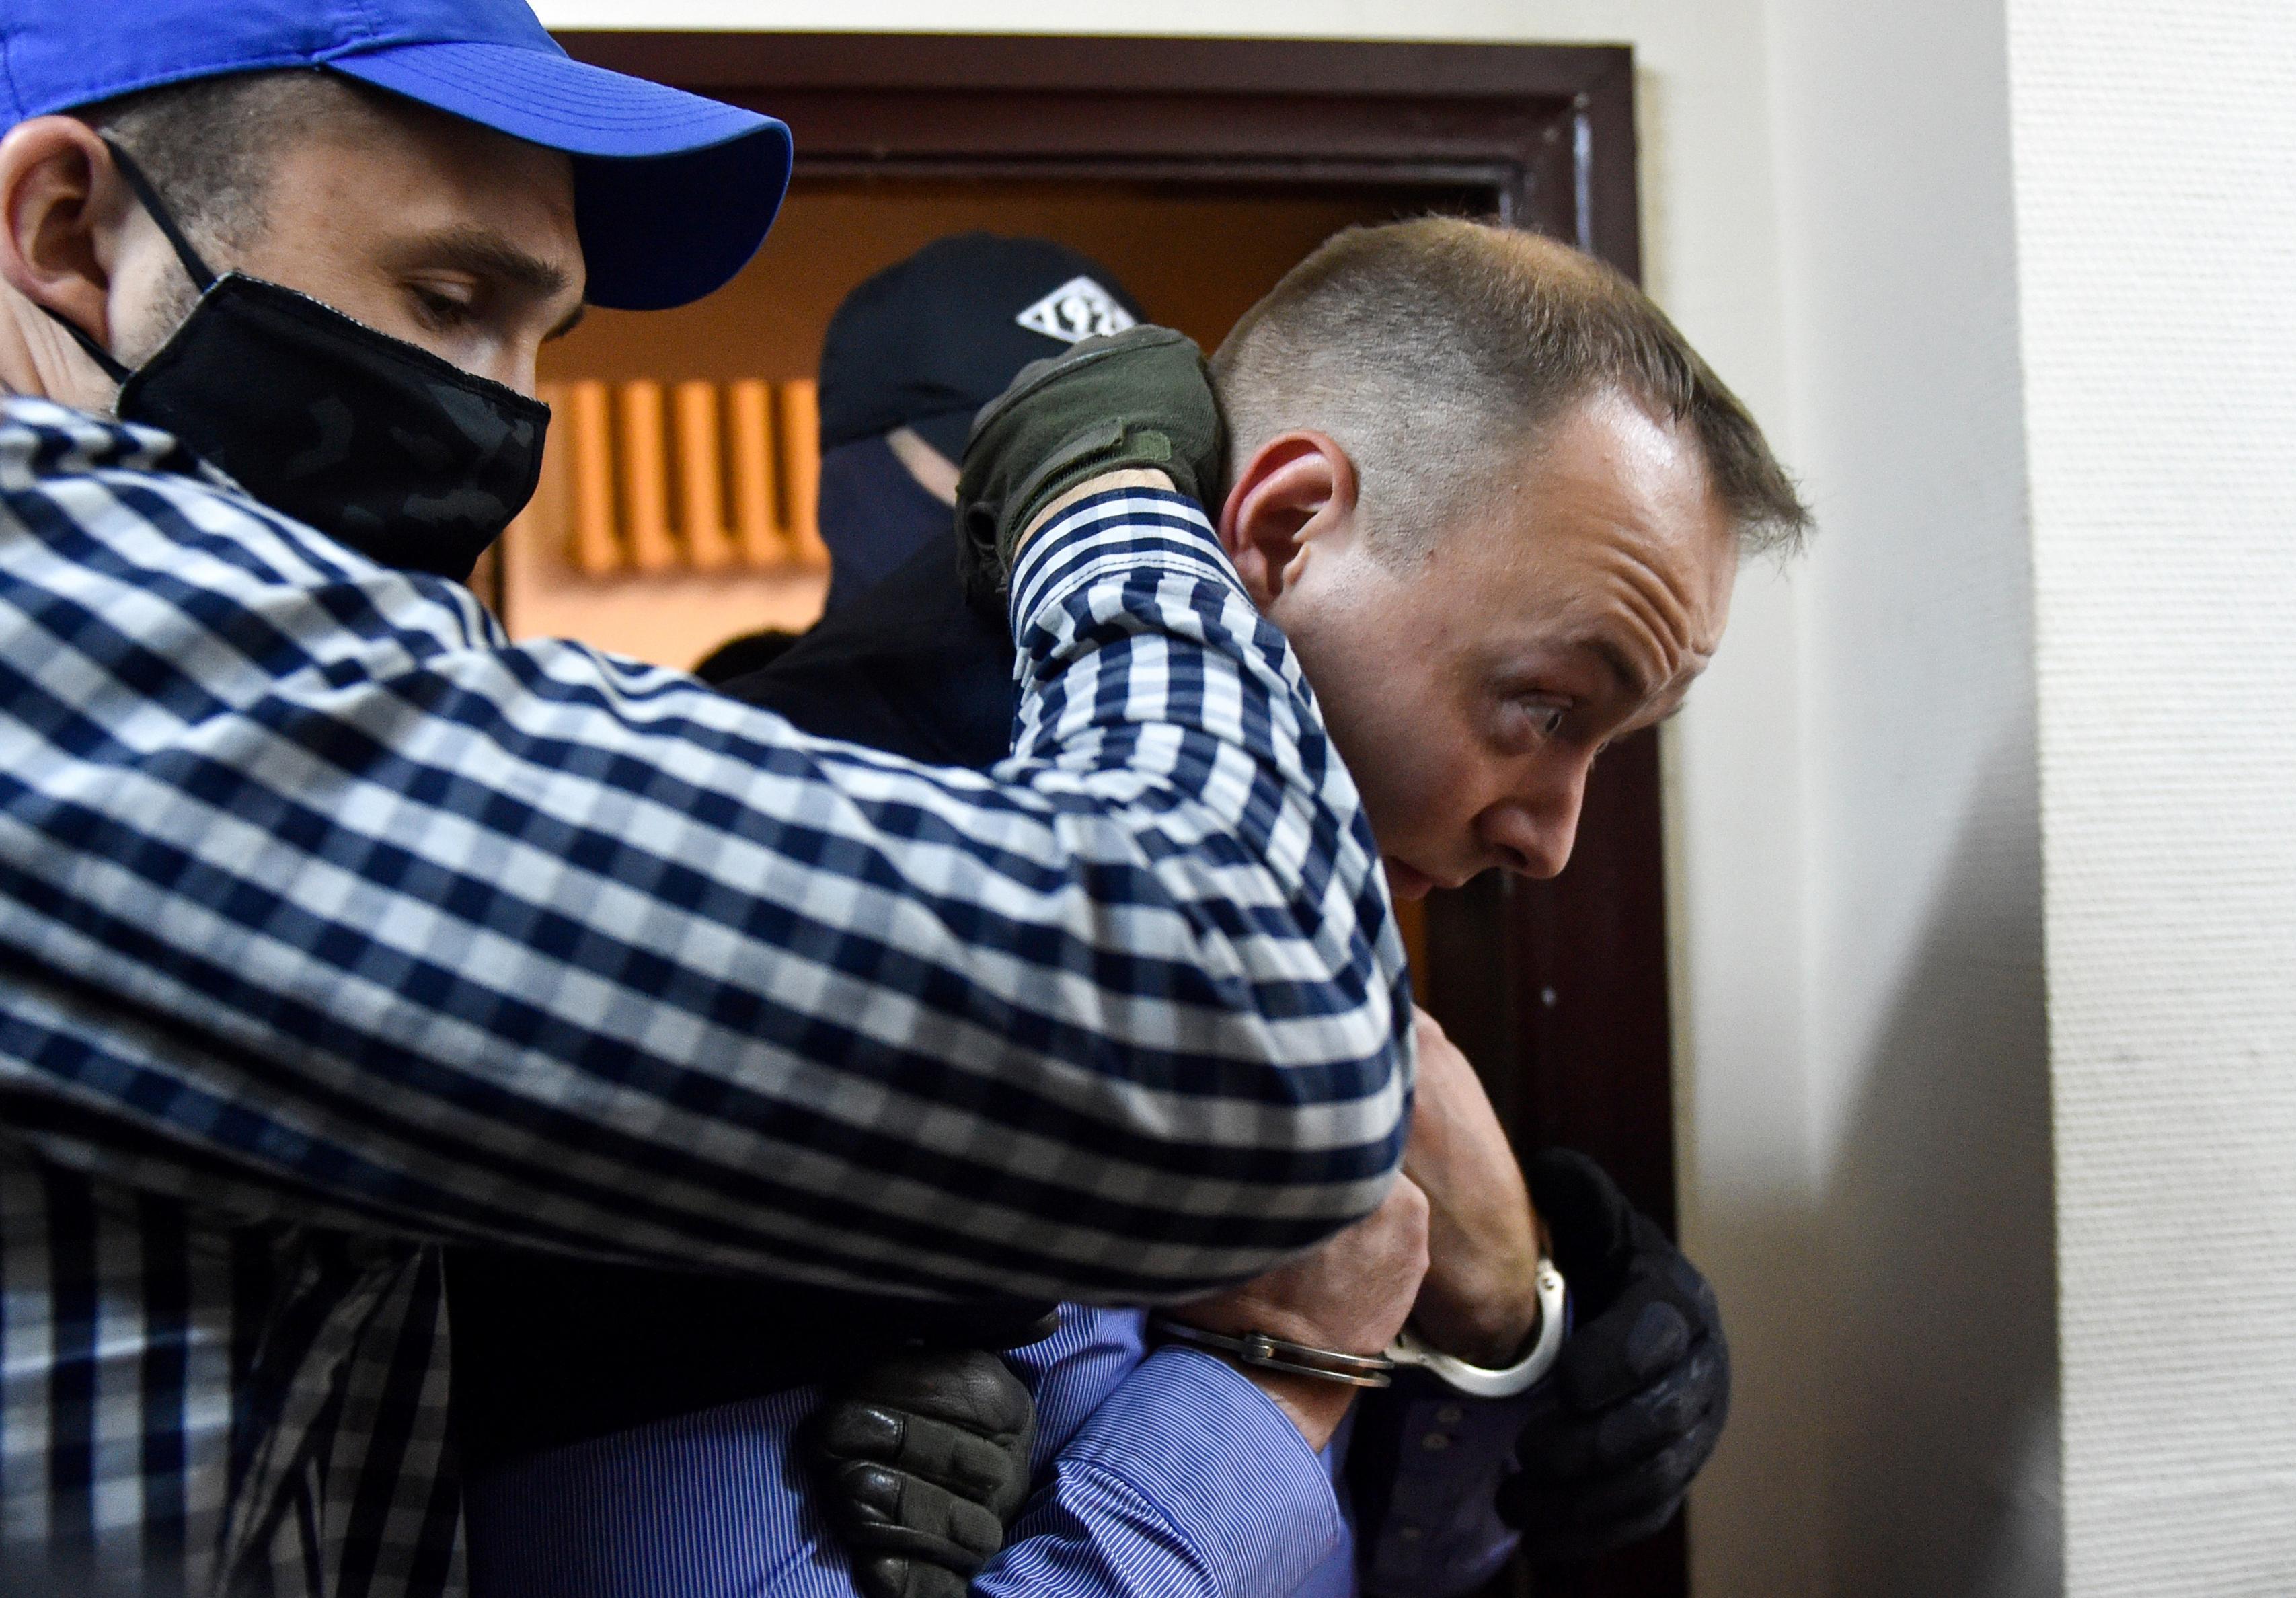 Feszülten figyeli a közvélemény a hazaárulással vádolt orosz újságíró ügyét, amennyire hagyják neki